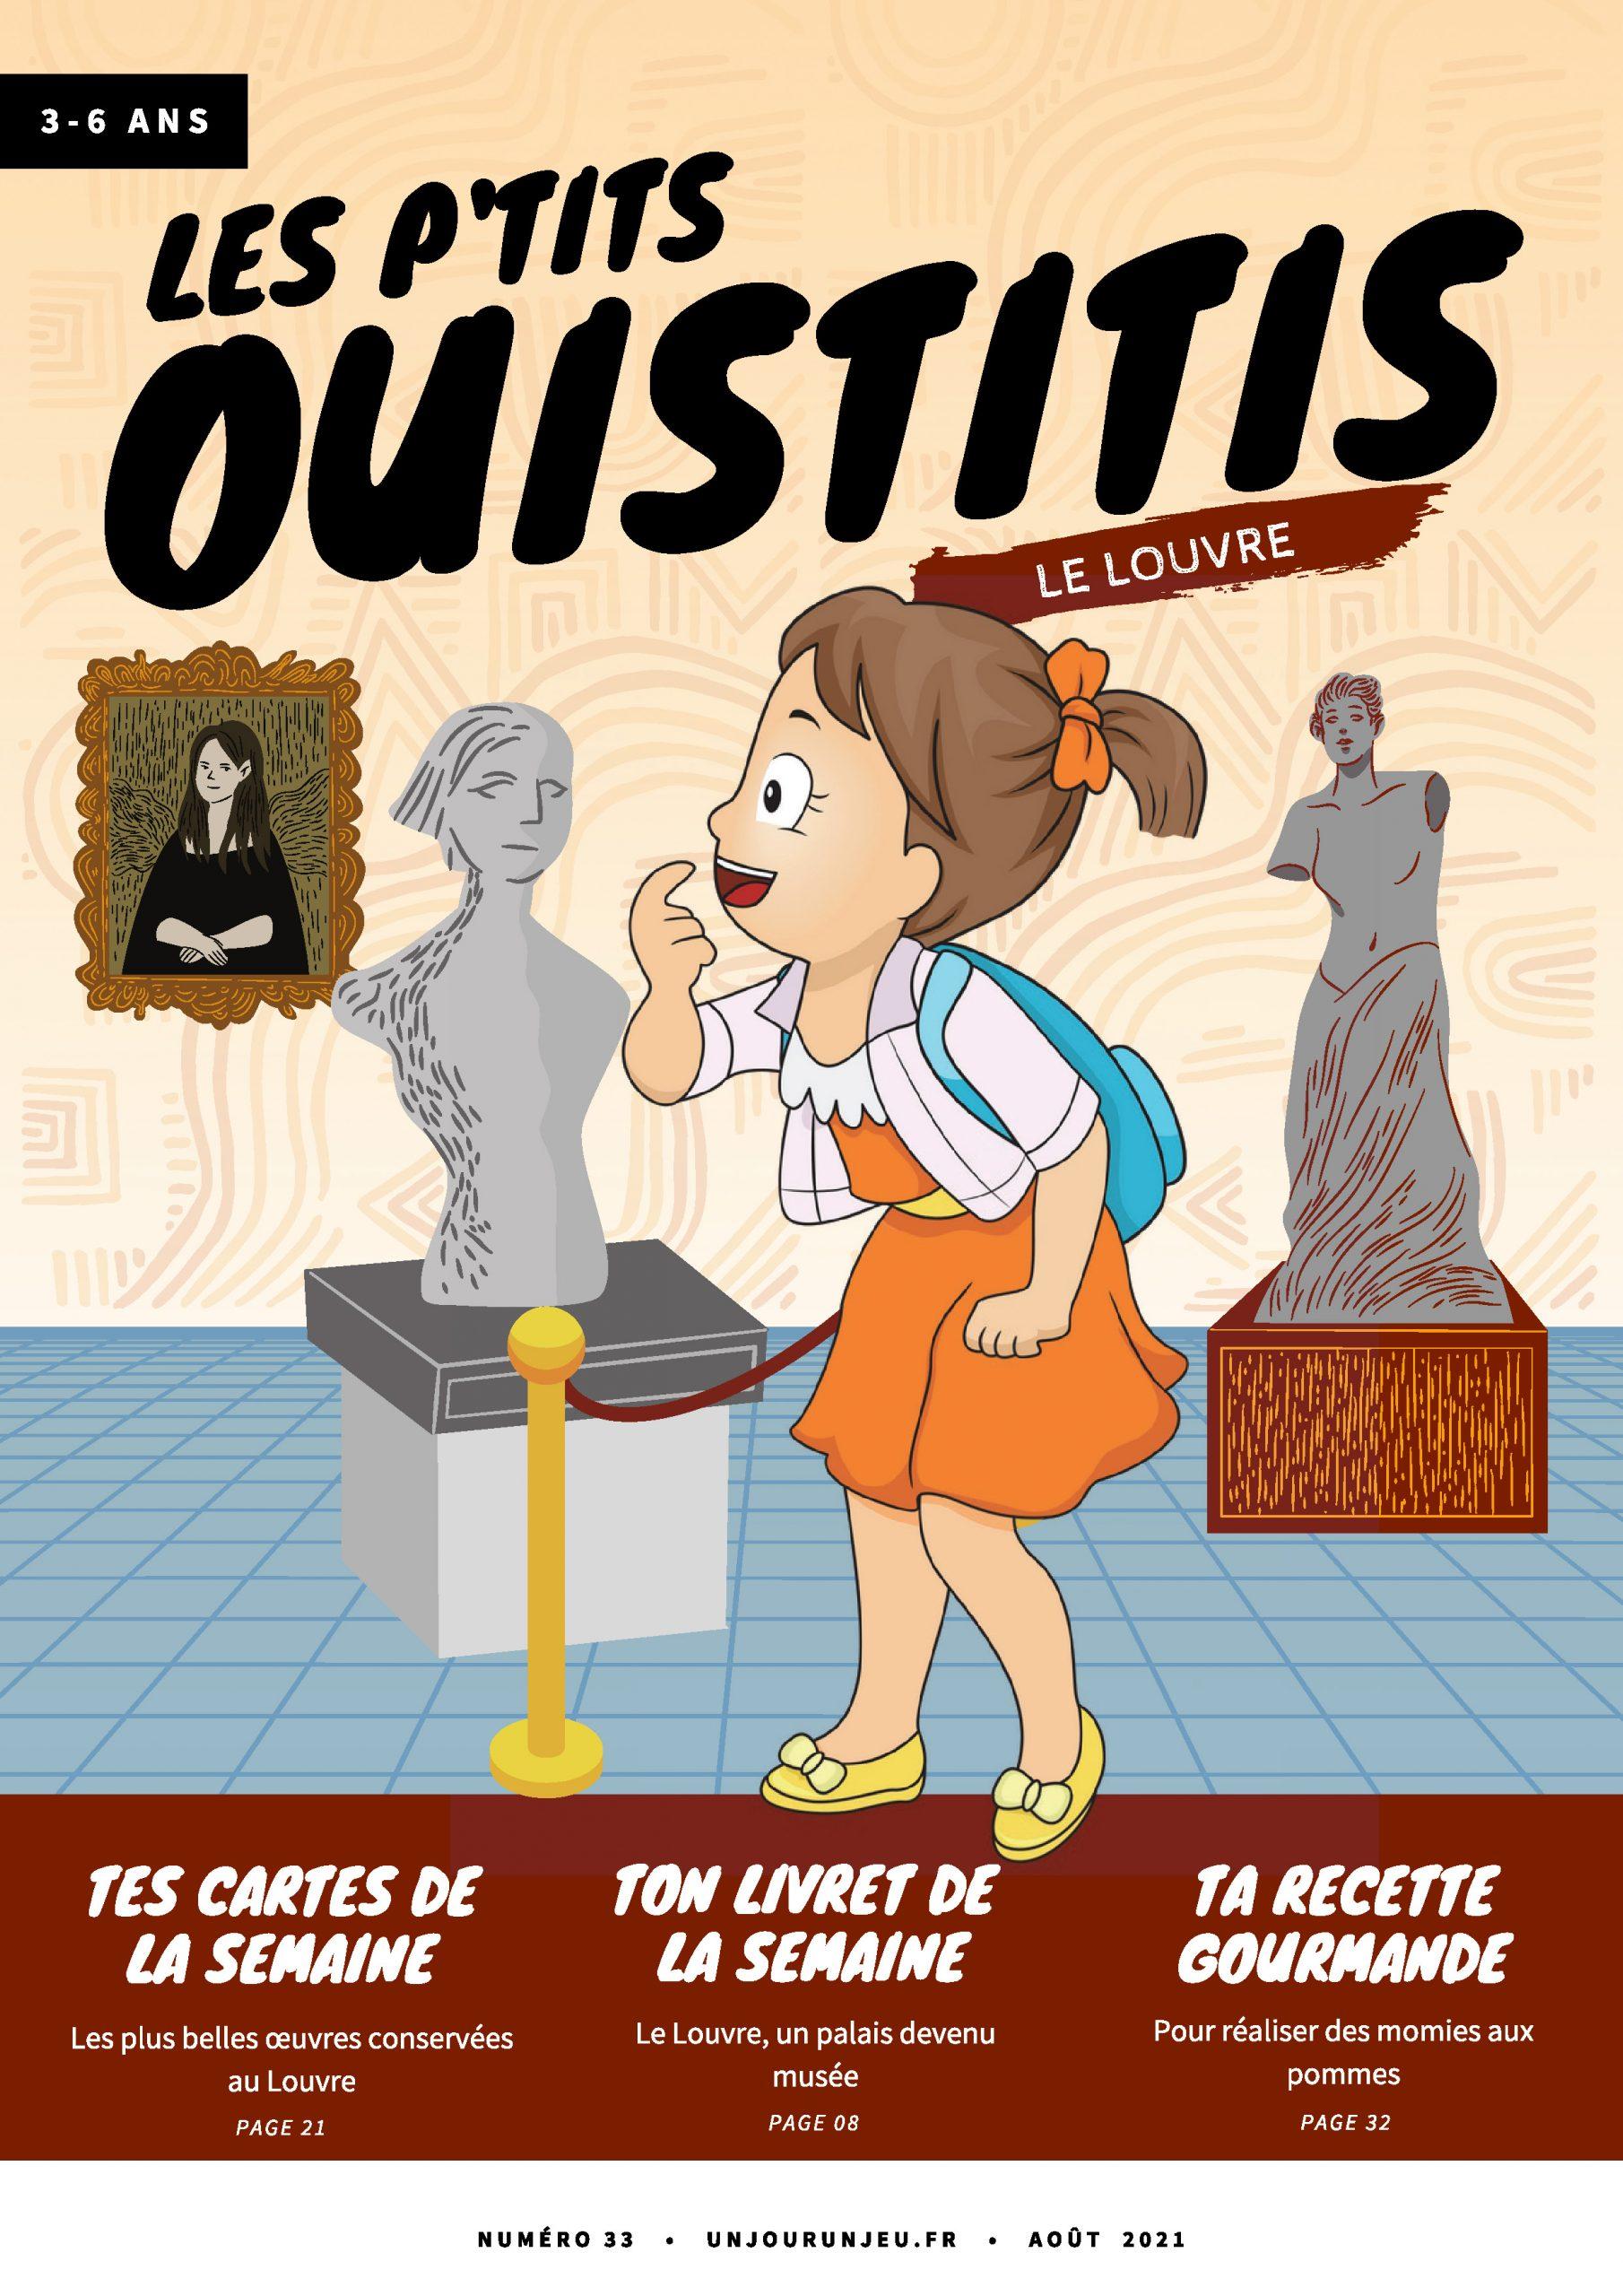 Les P'tits Ouistitis au Louvre